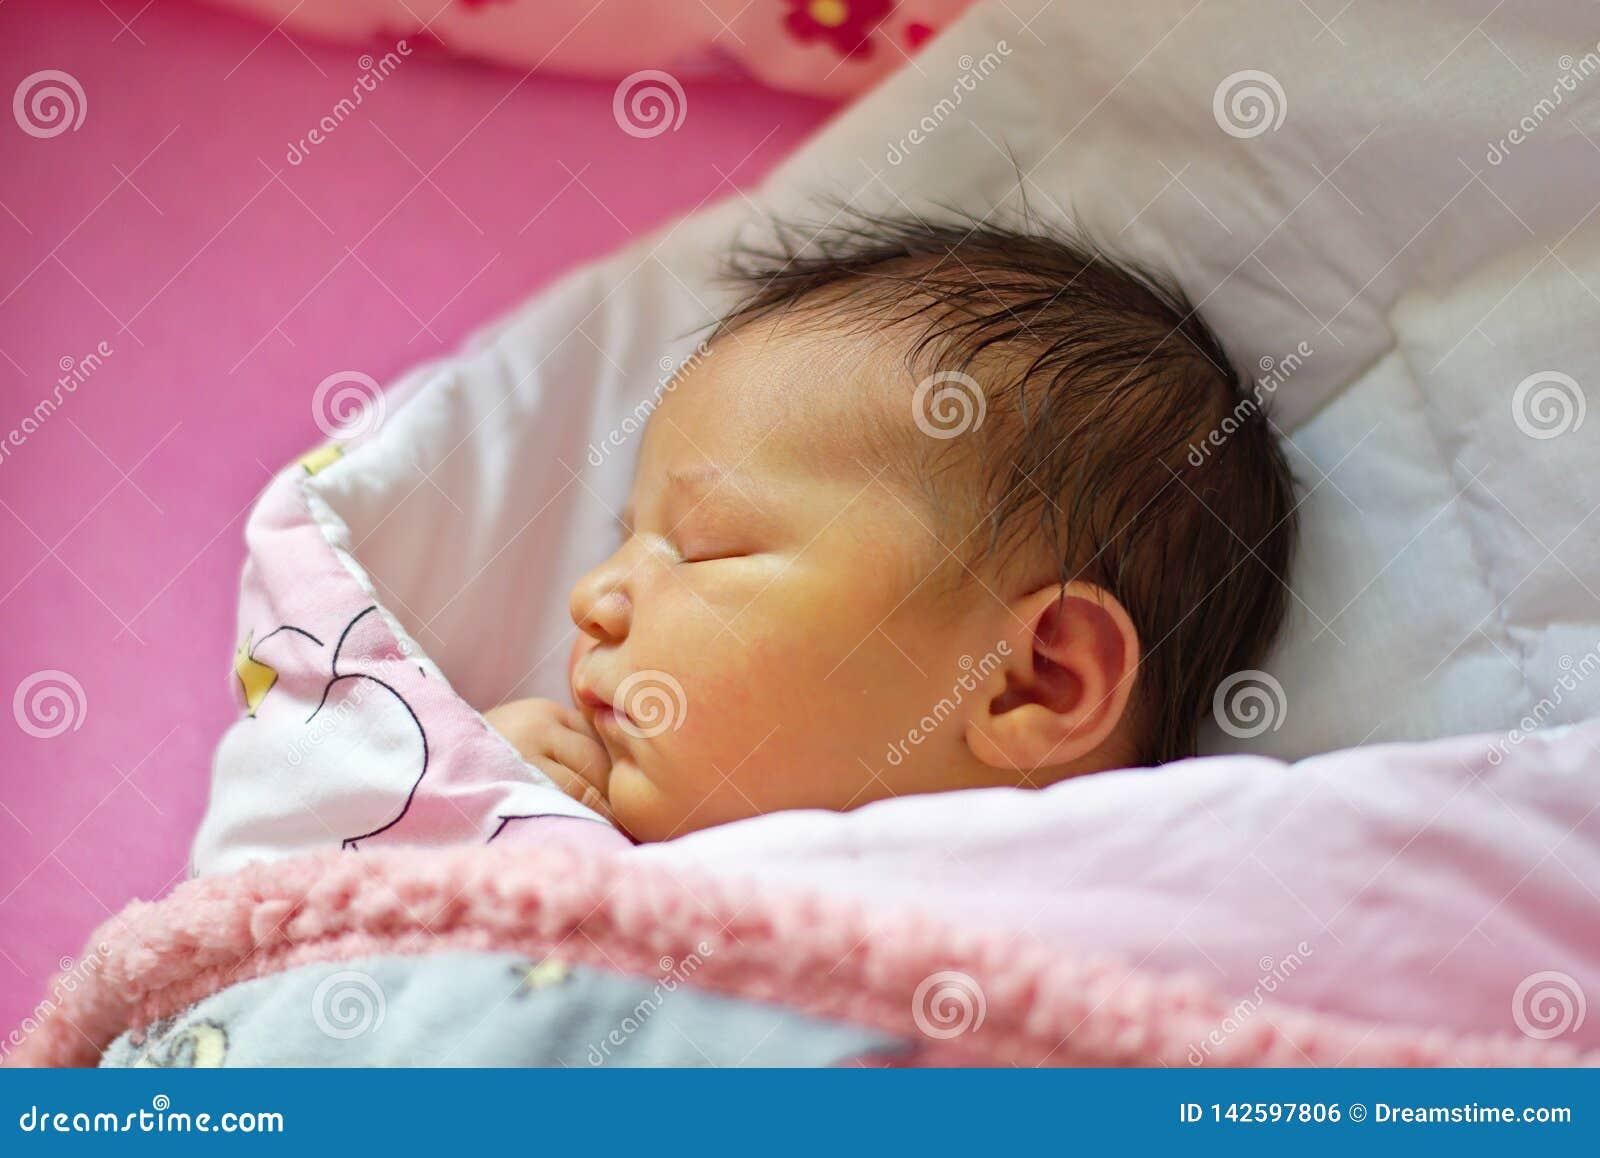 Wenig neugeborenes Baby ist das Schlafen nett